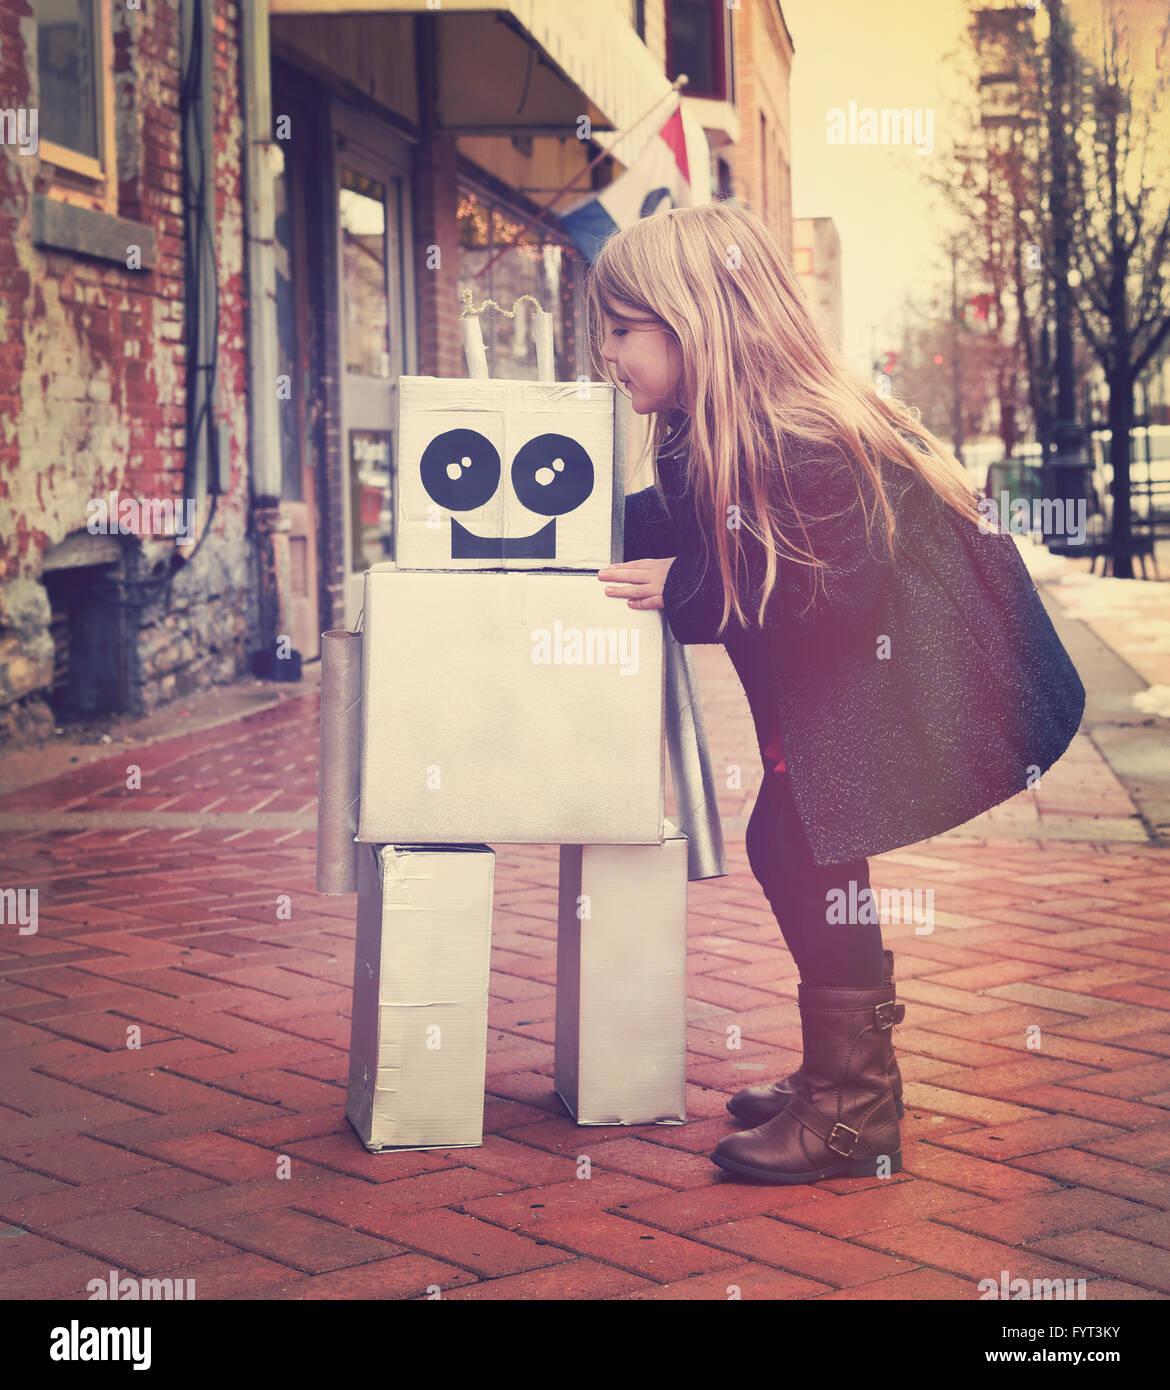 Una niña está abrazando un robot de cartón metal downtown contra una pared de ladrillos fuera de Imagen De Stock